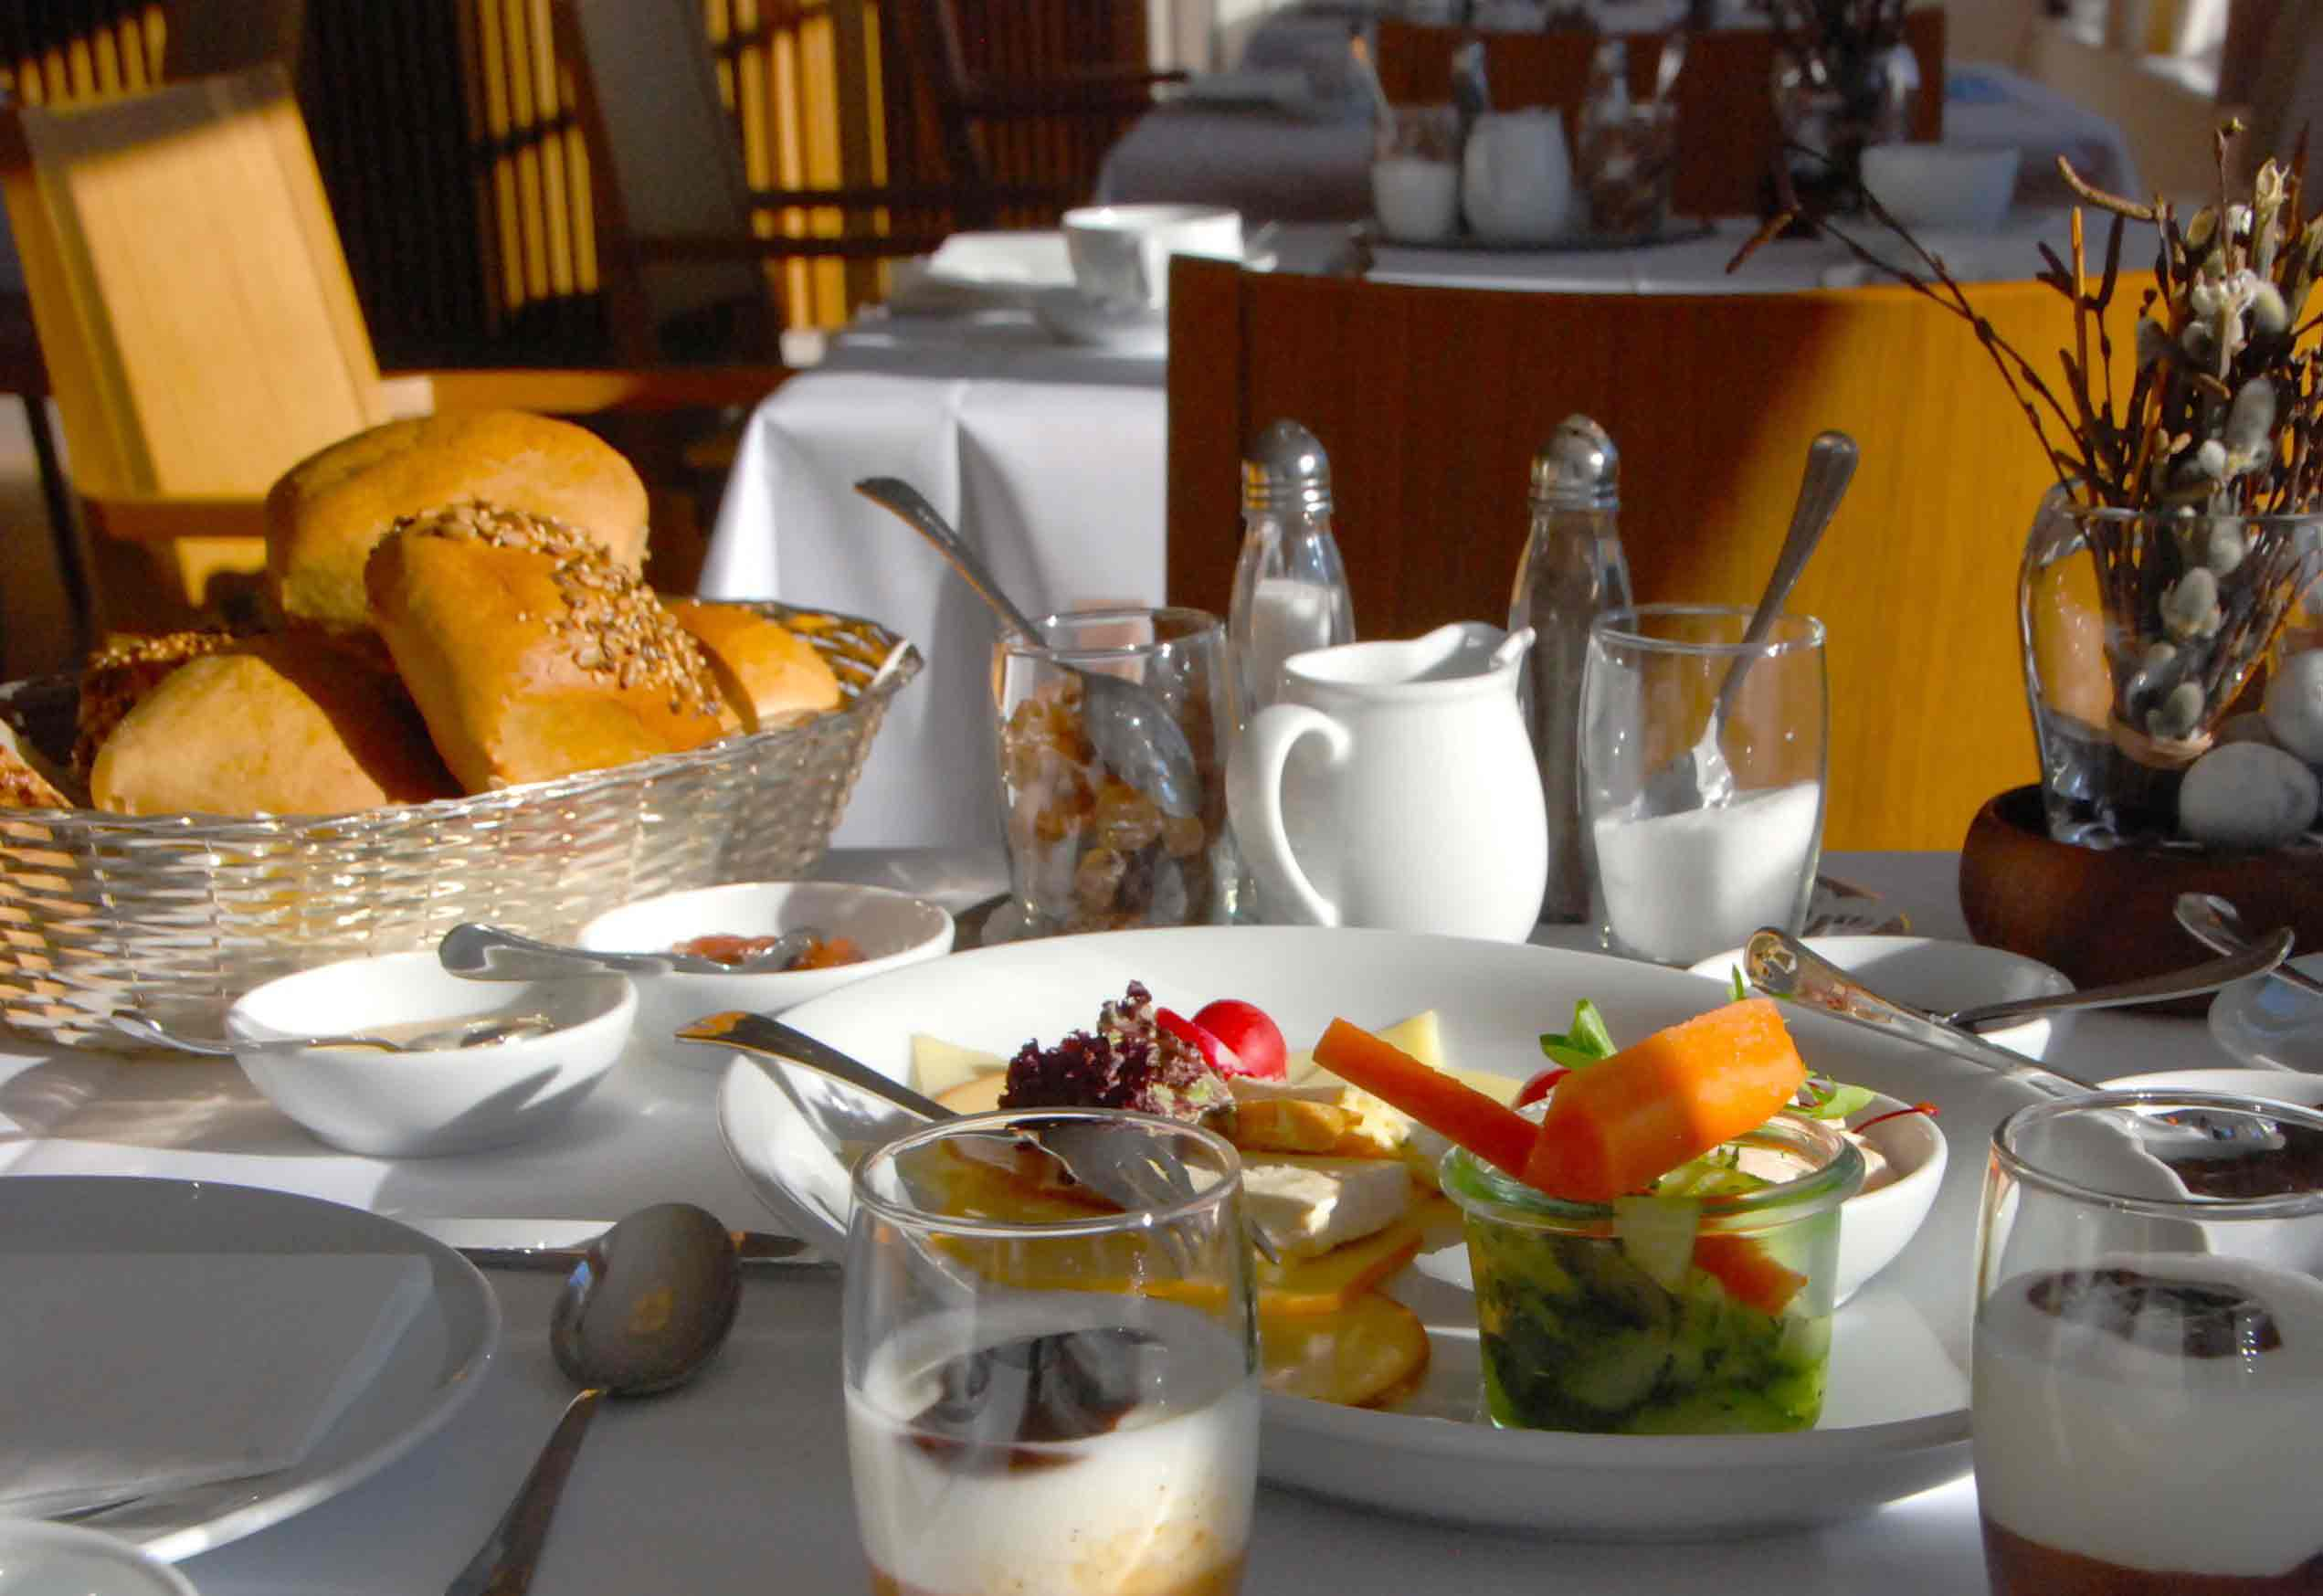 Osterurlaub und Frühstück im Charlottenhof in Ahrenshoop